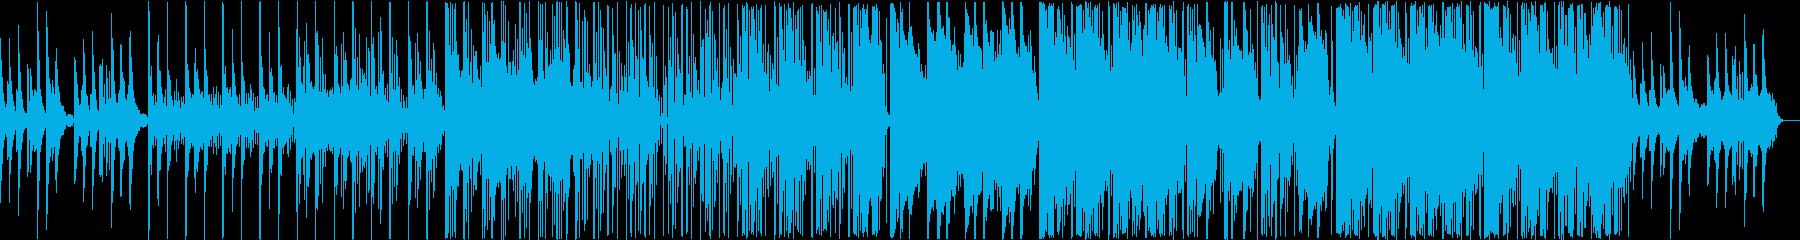 pianoの旋律が美しいバラードの再生済みの波形